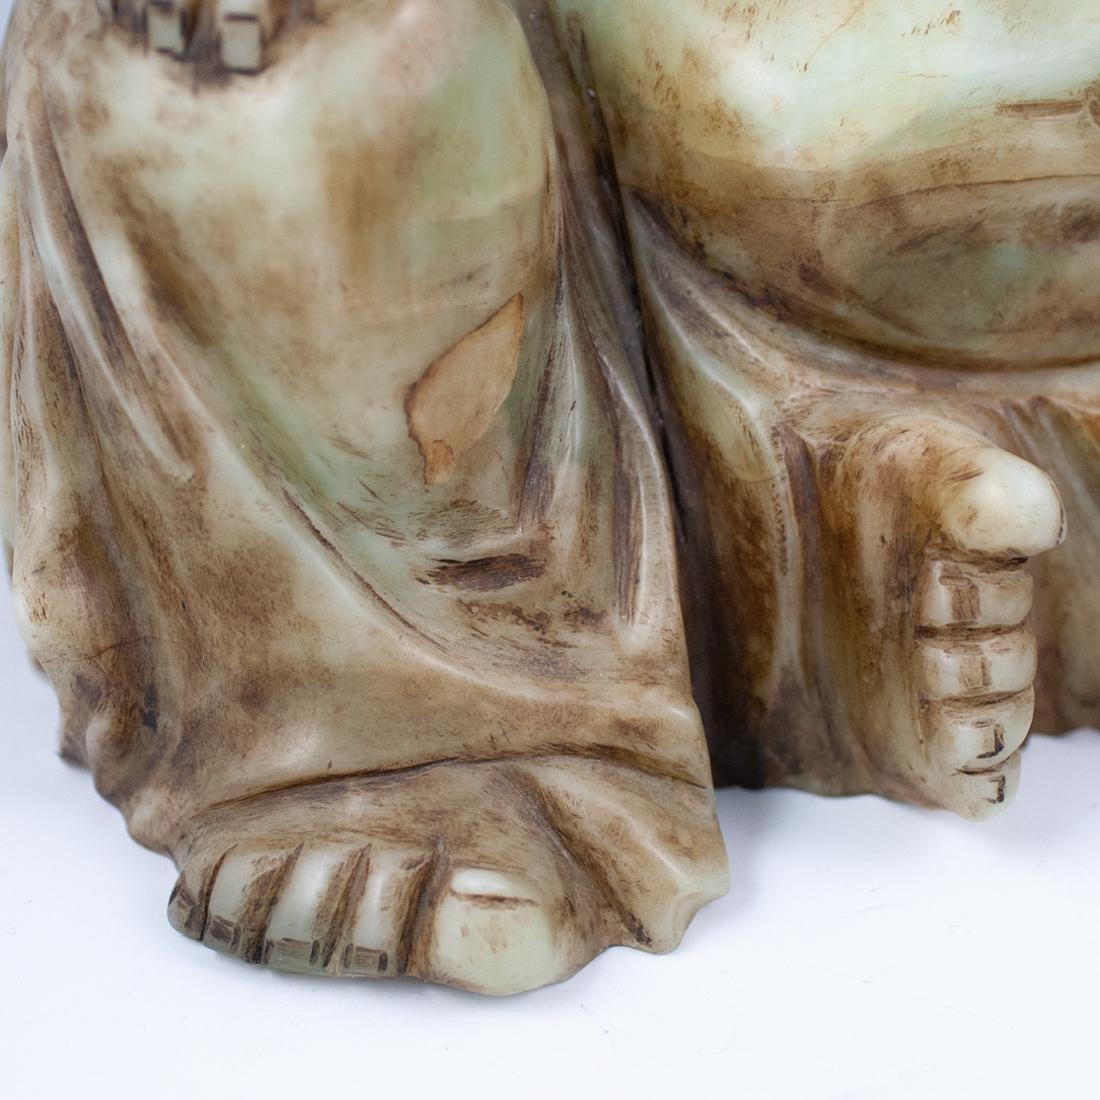 Chinese Jade Laughing Buddha - 4